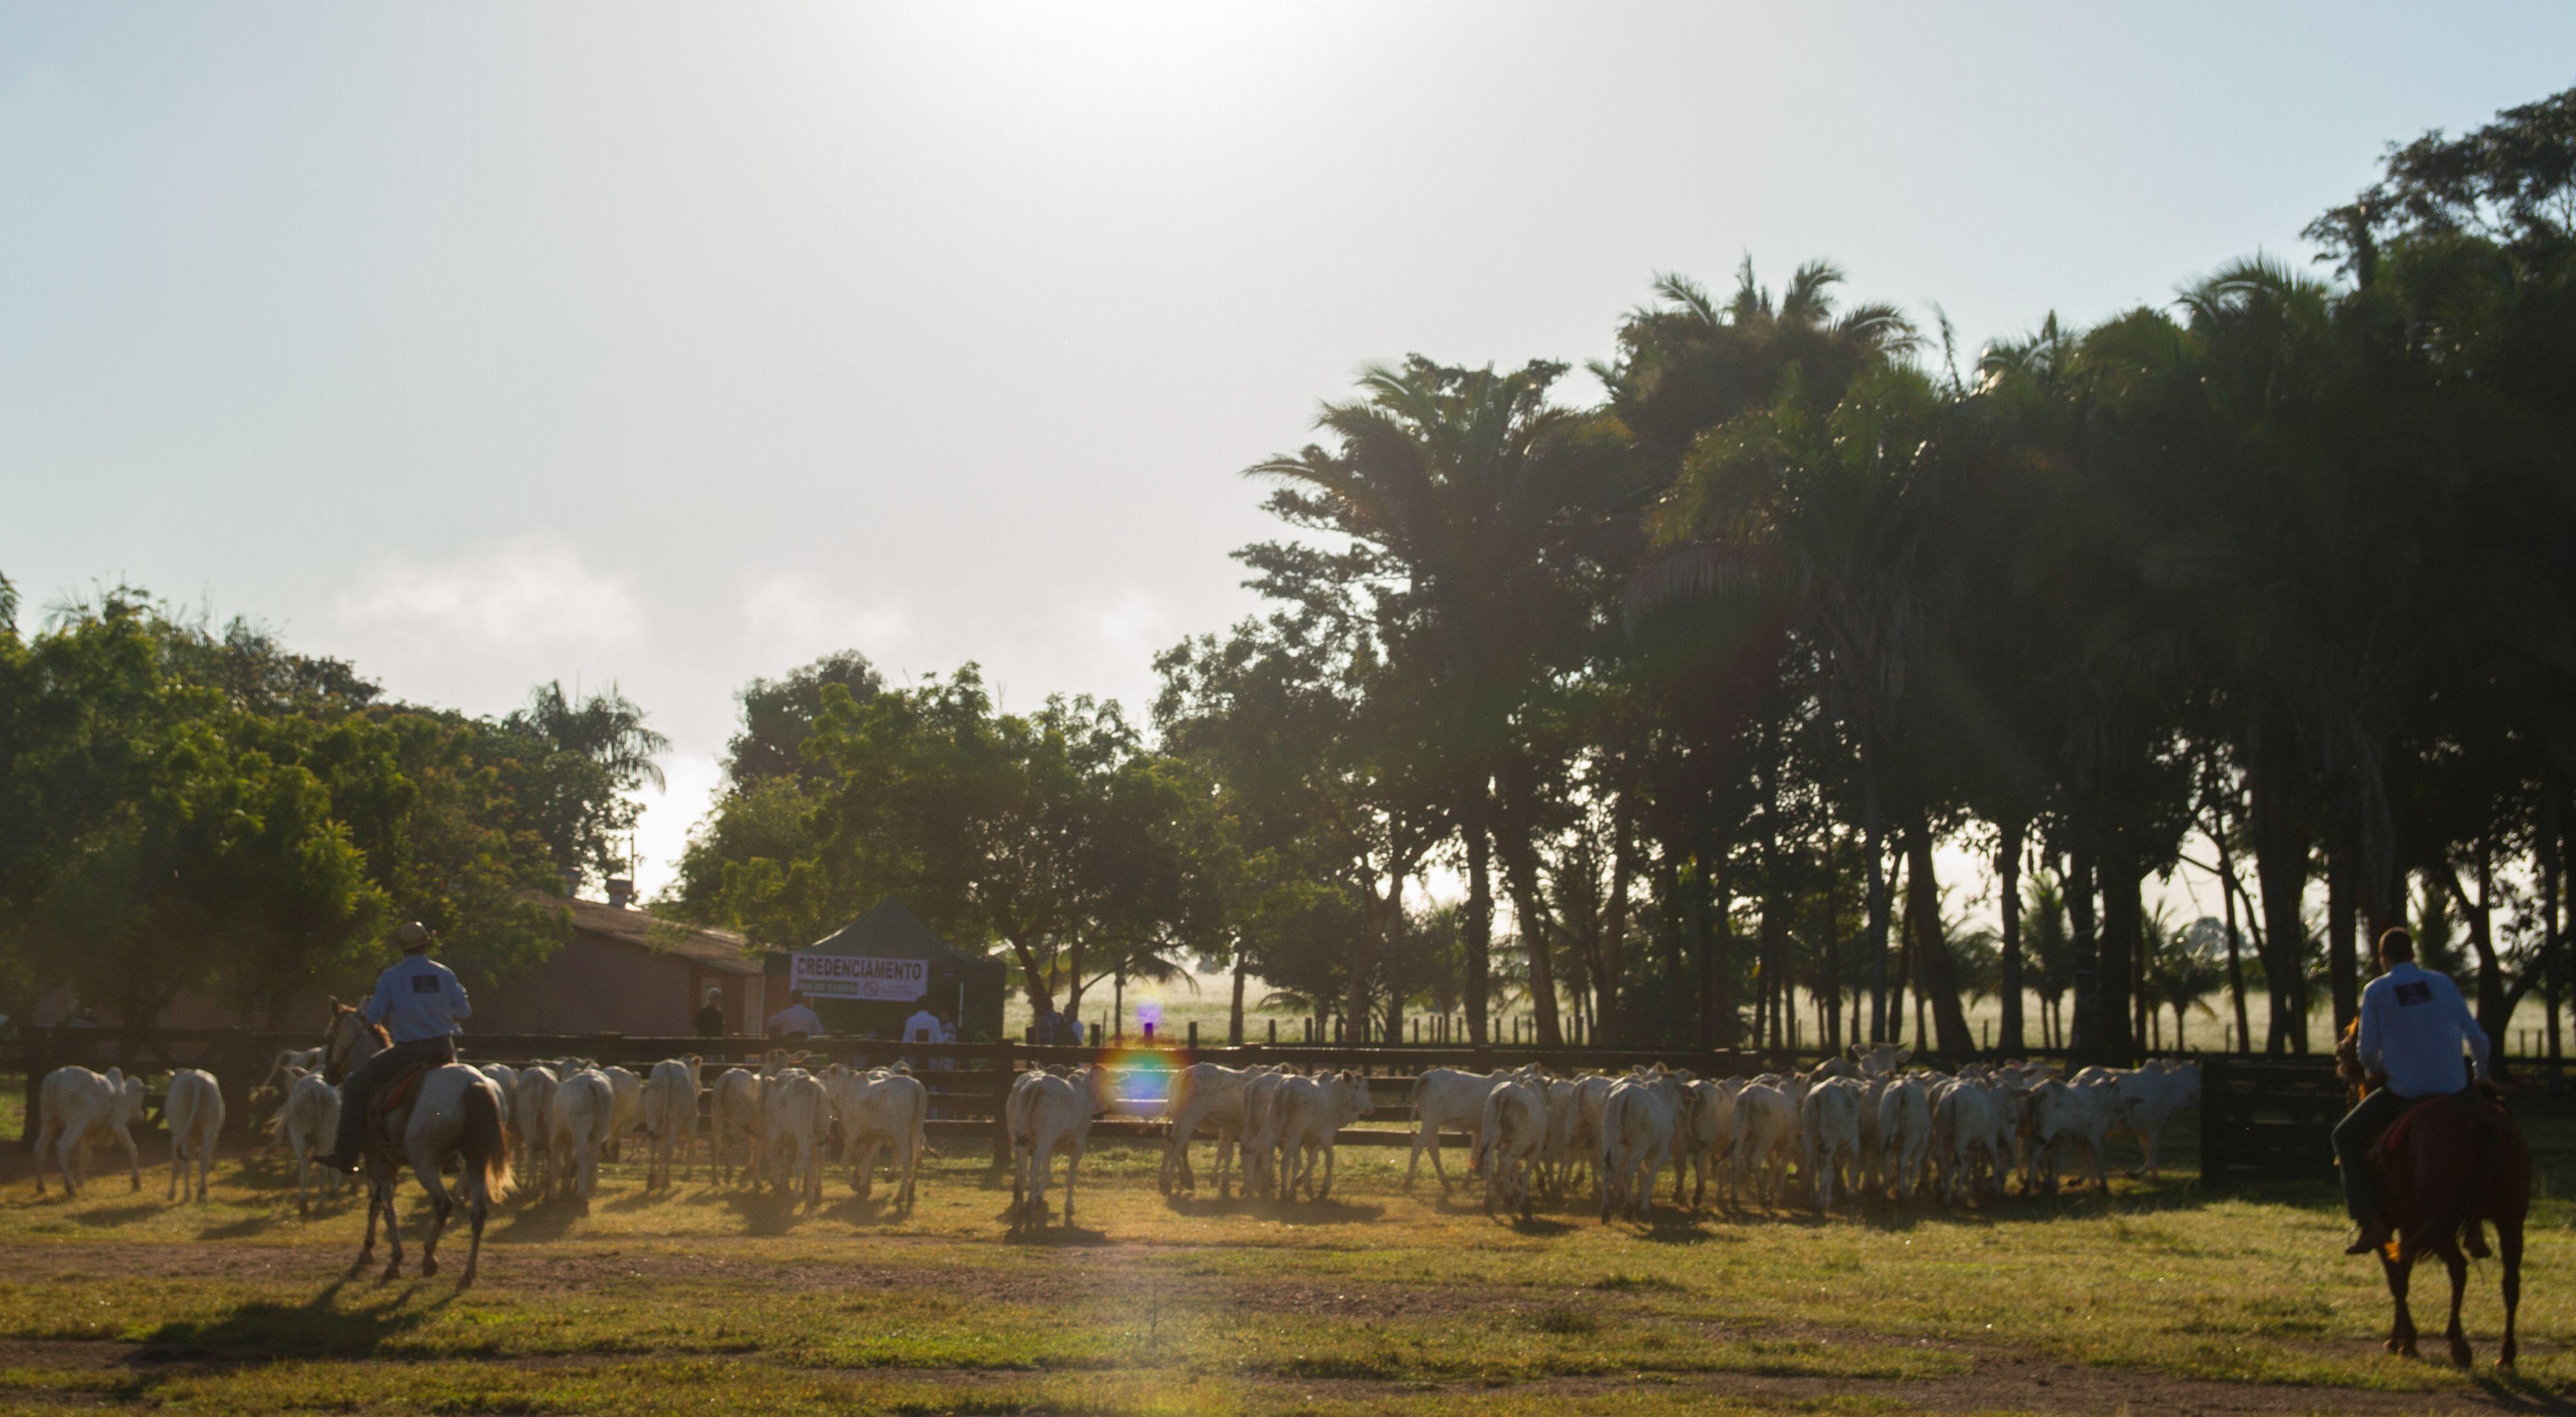 Peões manejando o gado na Fazenda Santa Célia, em Nova Xavantina-MT.